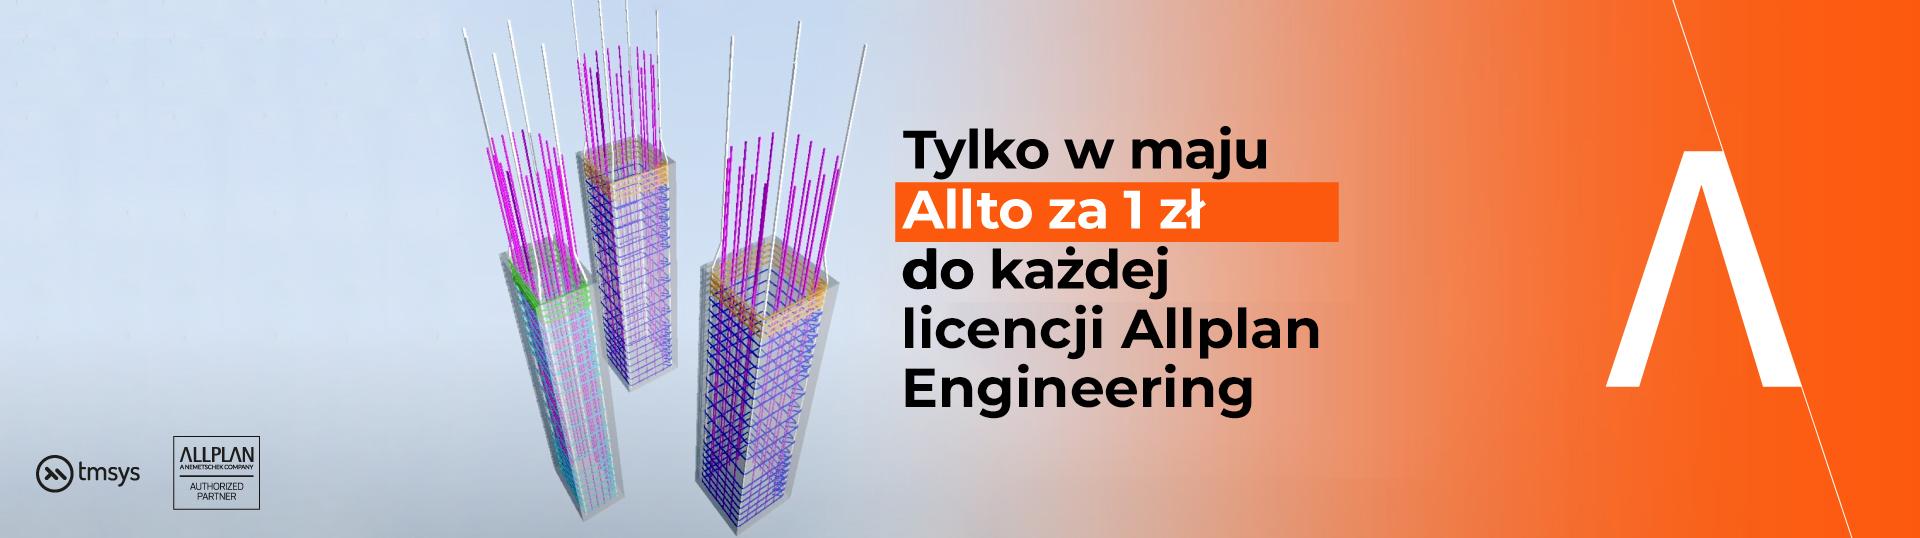 Promocja: Tylko w maju Allto za 1 zł do każdej licencji Allplan Engineering!